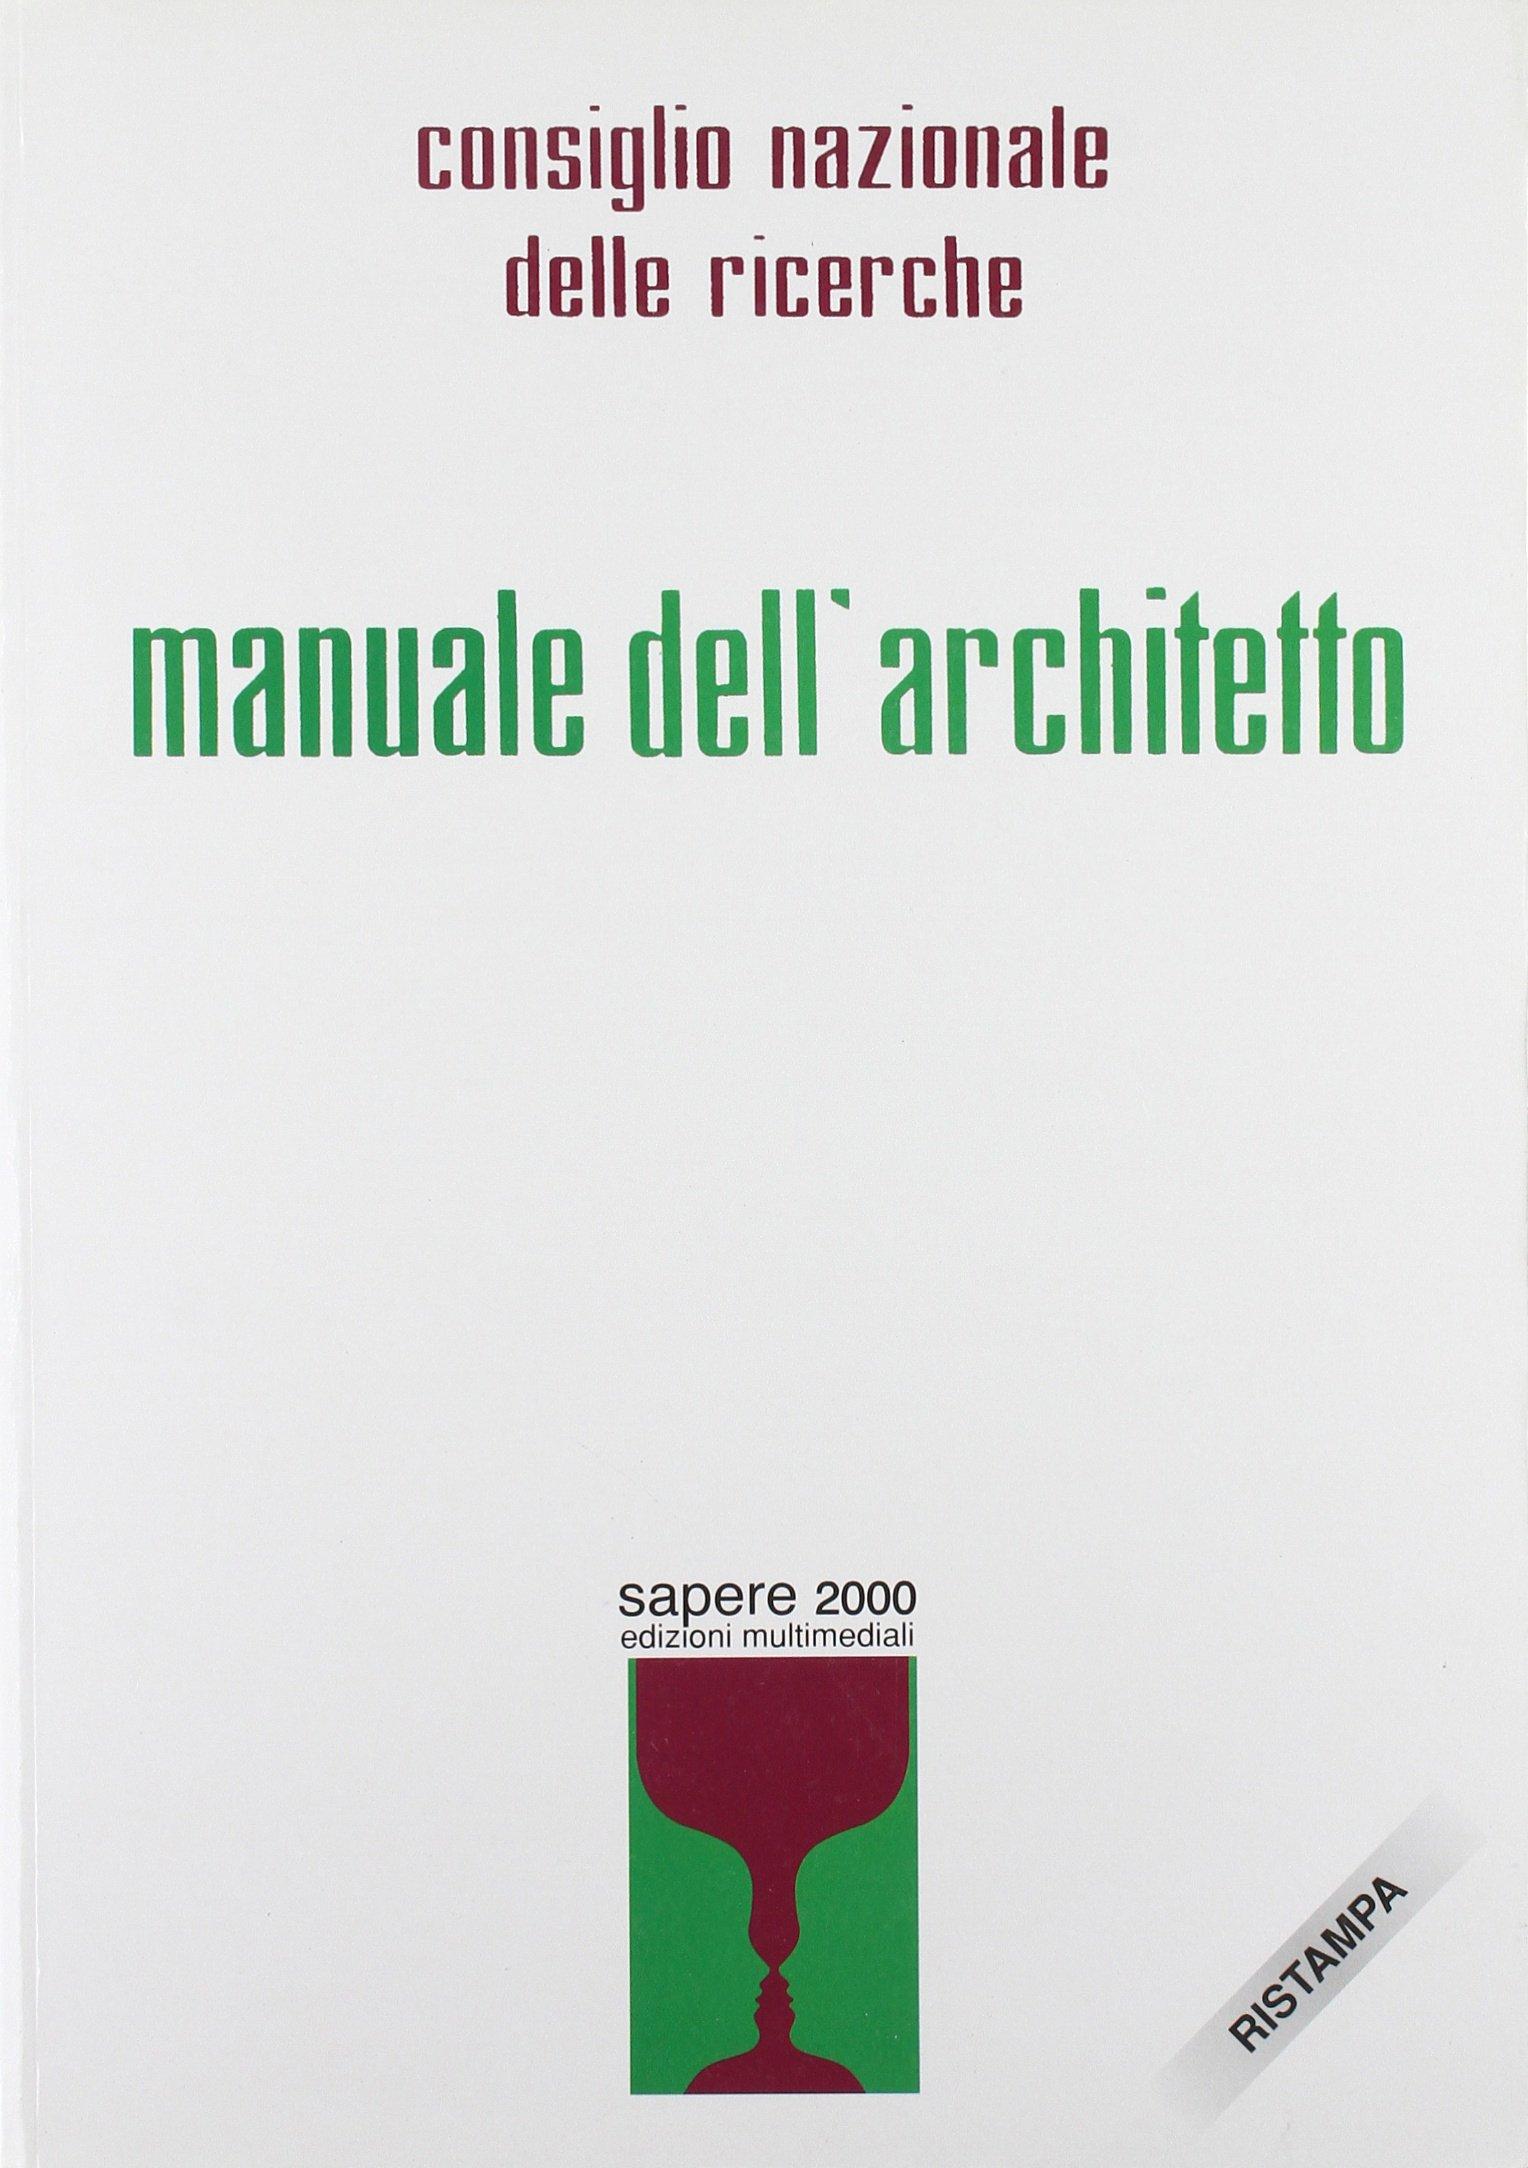 amazon it manuale dell architetto rist anast 1962 cnr libri rh amazon it manuale dell'architetto amazon manuale dell'architetto download gratis